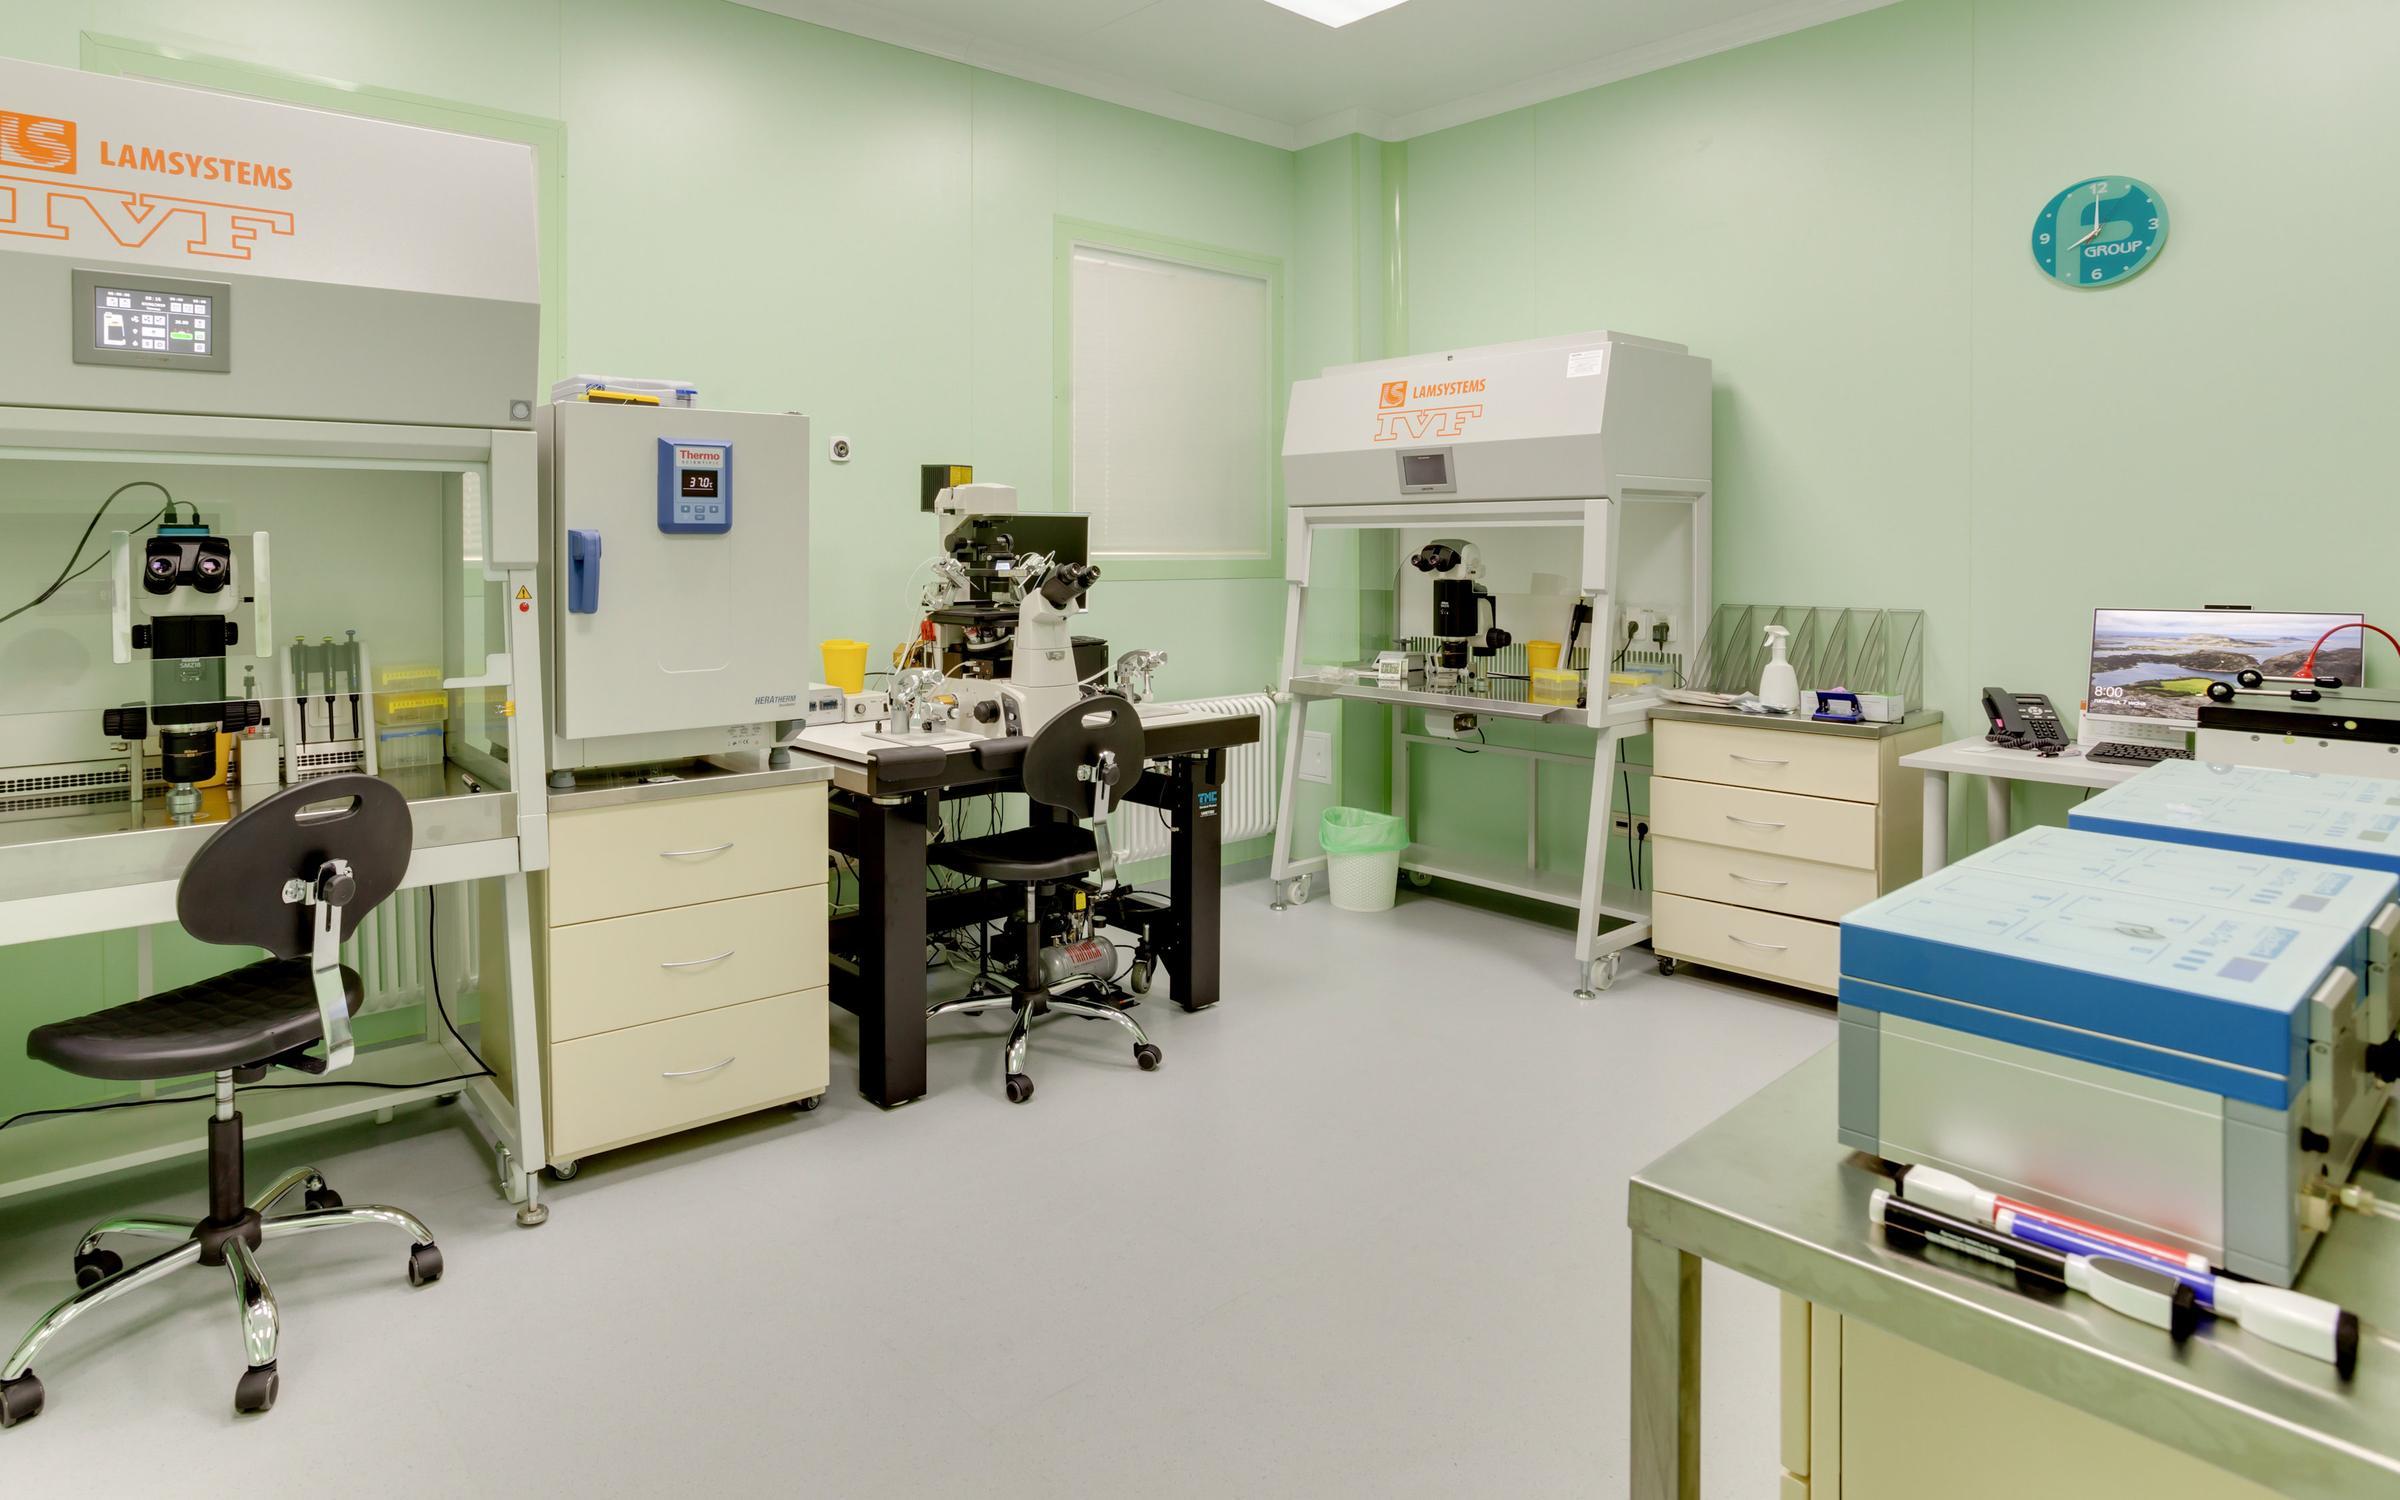 фотография Многопрофильного медицинского центра Московская академическая клиника ЭКО (МАК ЭКО) на Большой Переяславской улице